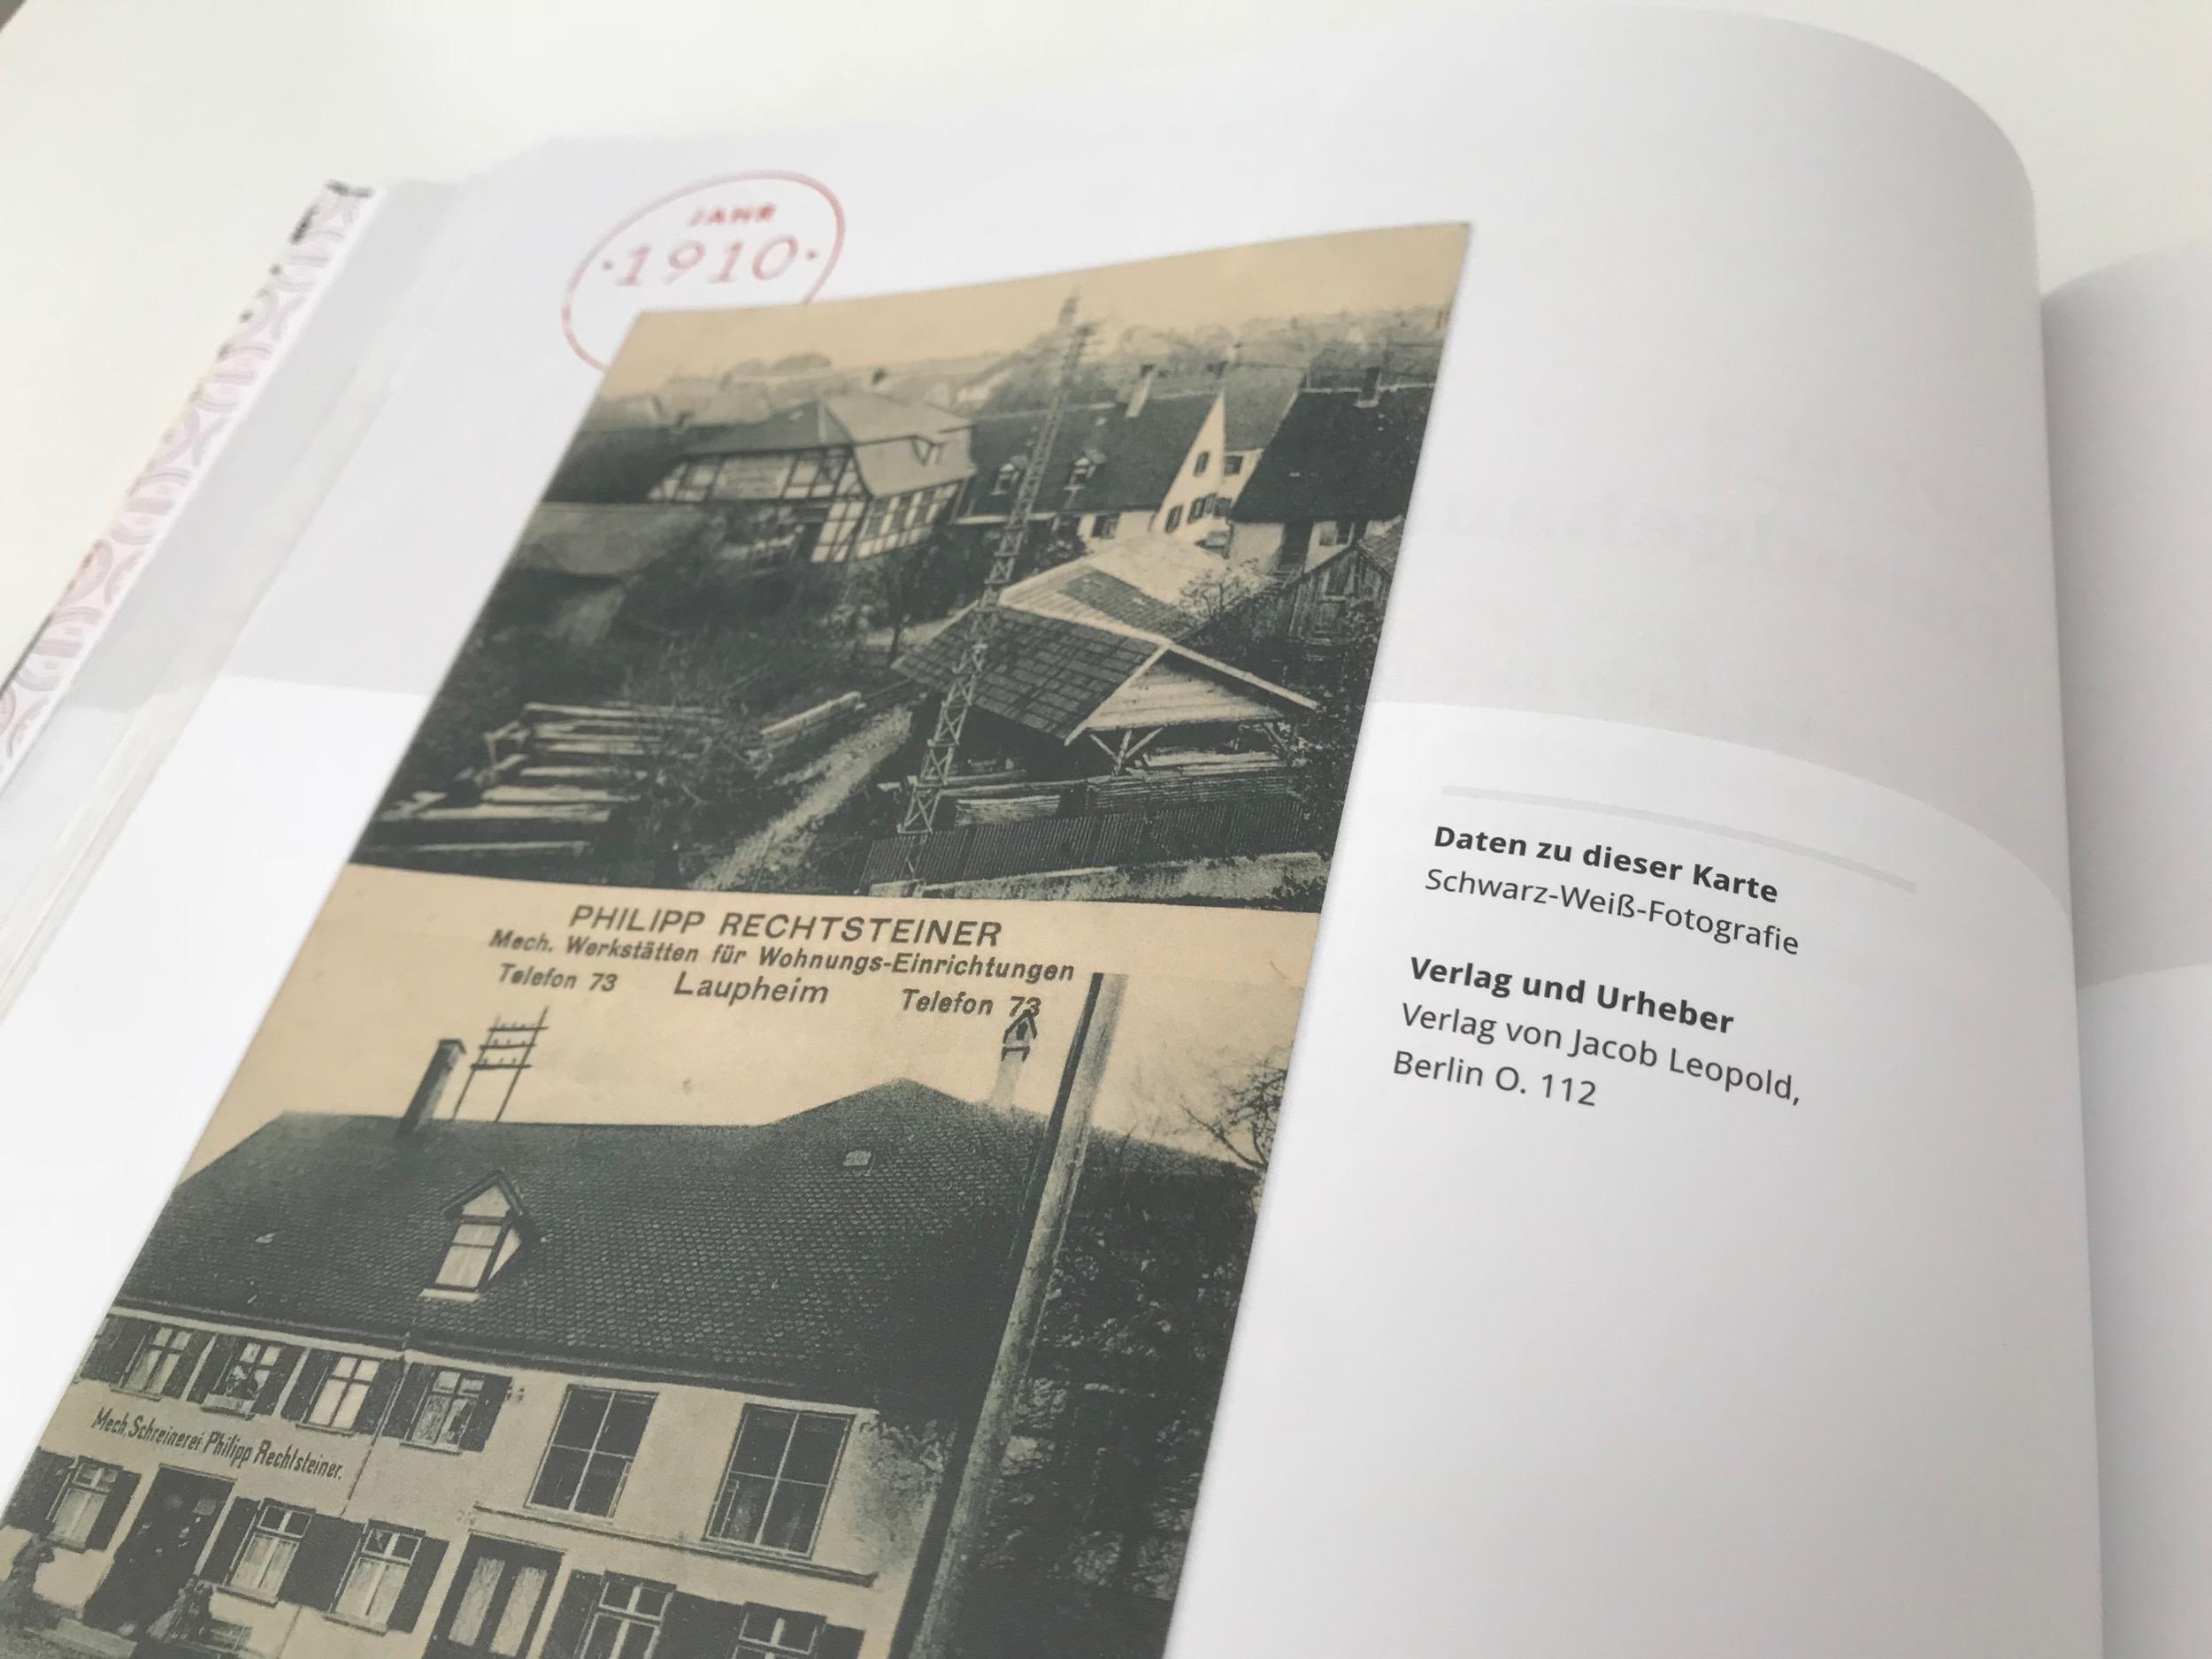 Viele hundert Abbildungen finden sich im Buch